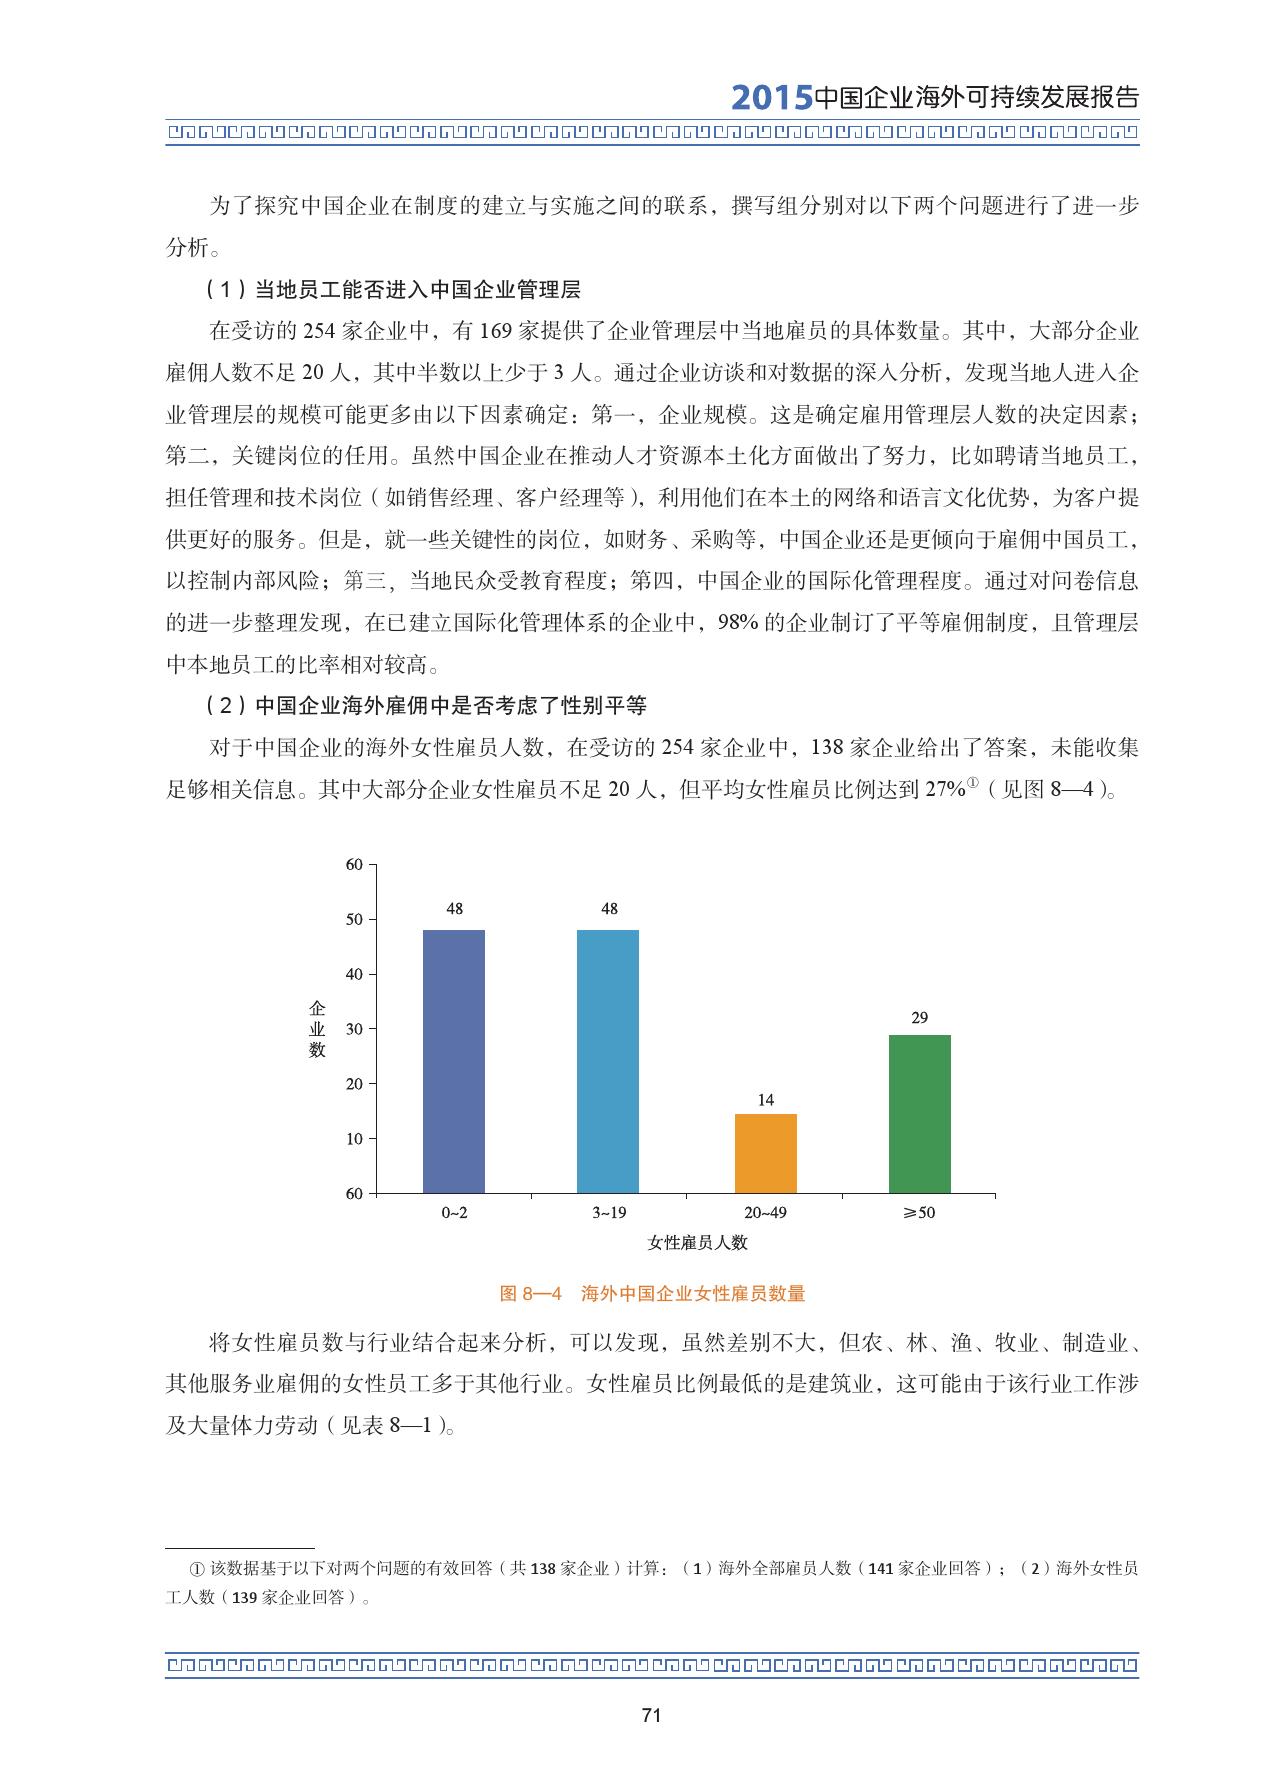 2015中国企业海外可持续发展报告_000085